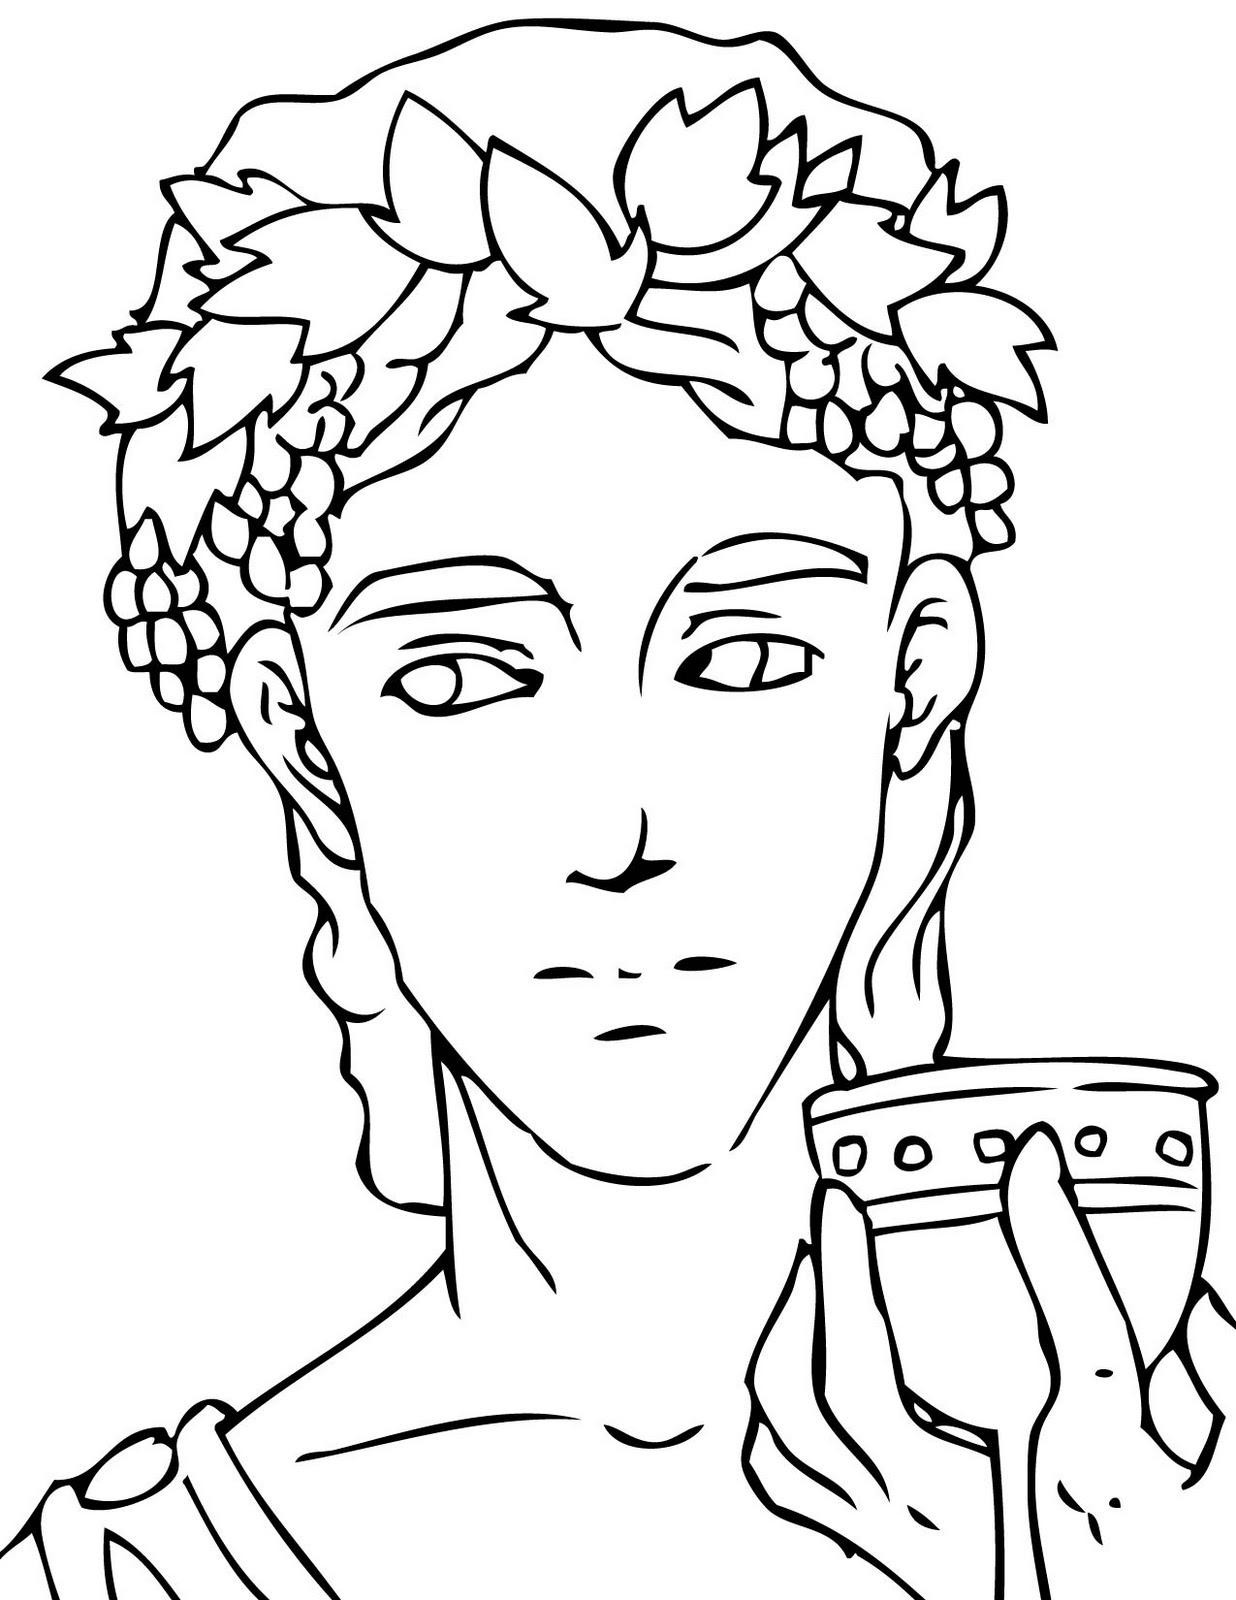 hades symbol coloring pages | Krasoblog: Κατεβάστε ασπρόμαυρα σχέδια ζωγραφικής για ...